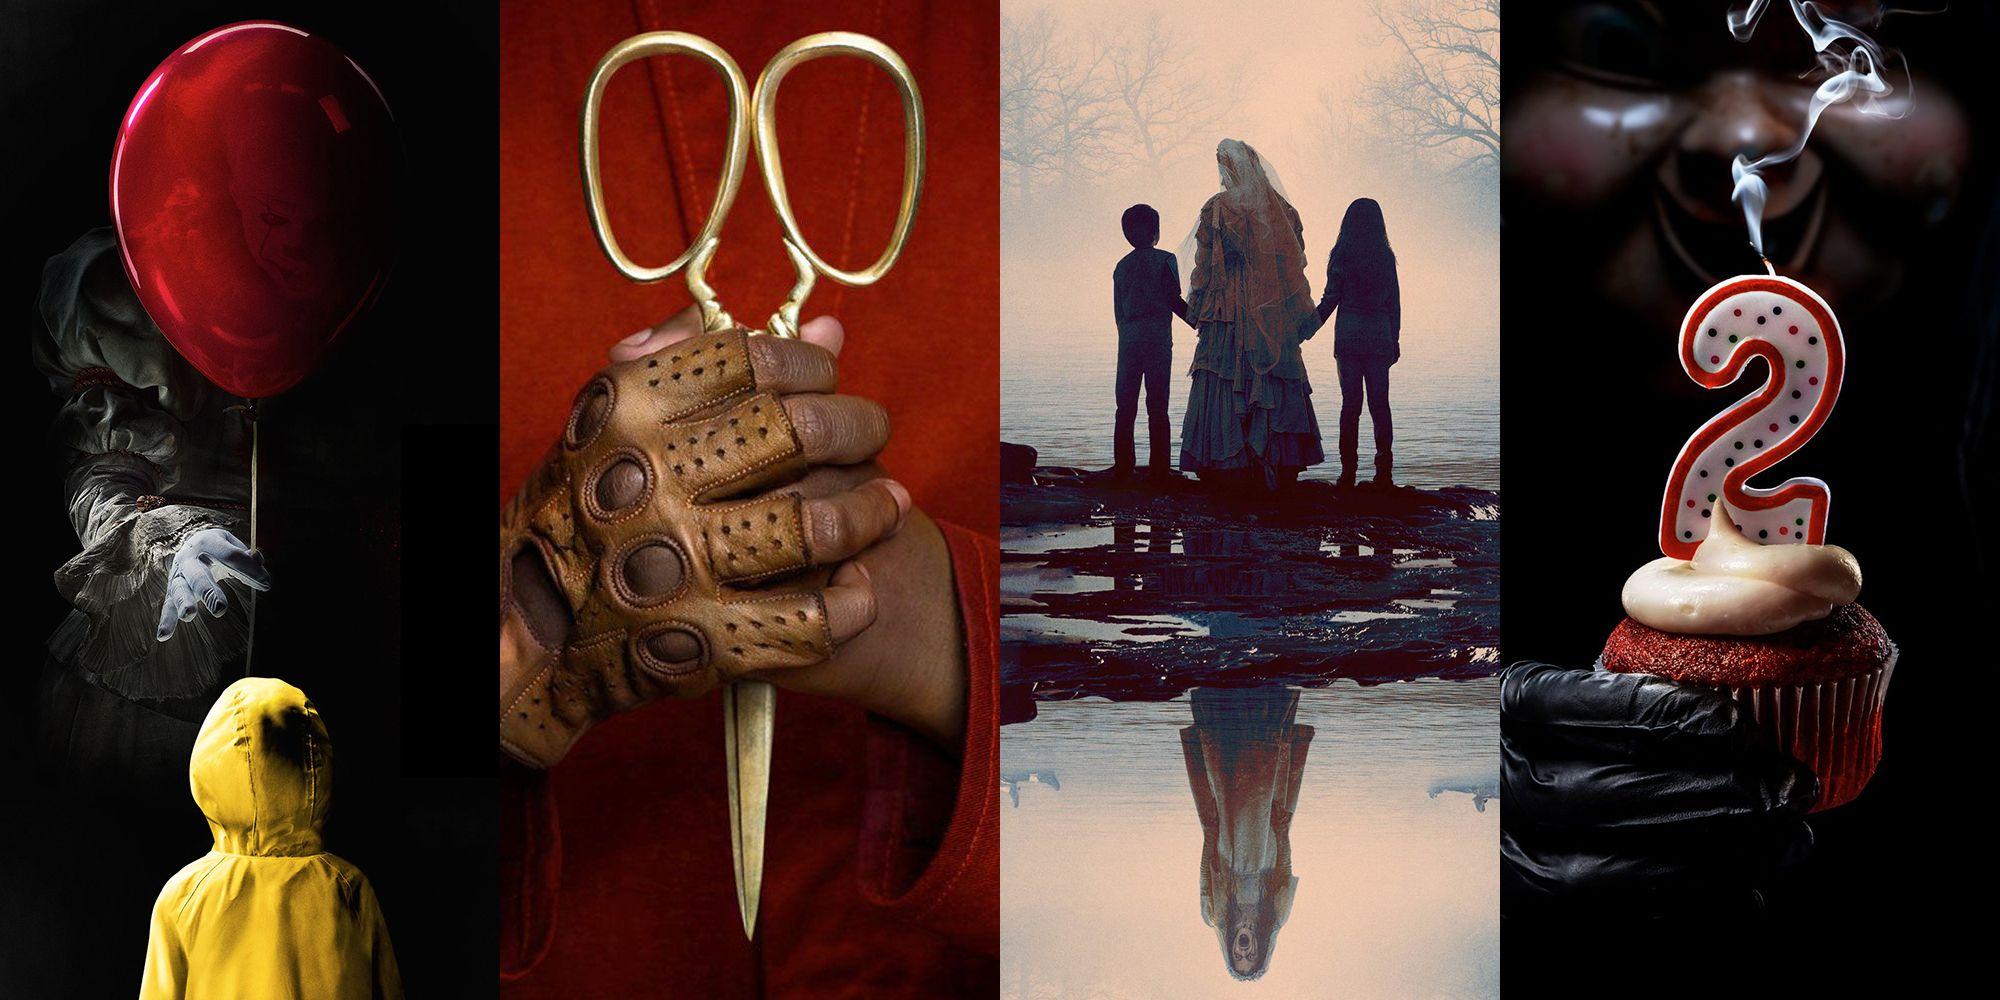 Todo el terror que veremos en 2019 - Estas películas de terror se  estrenarán en 2019 76e387ca44a